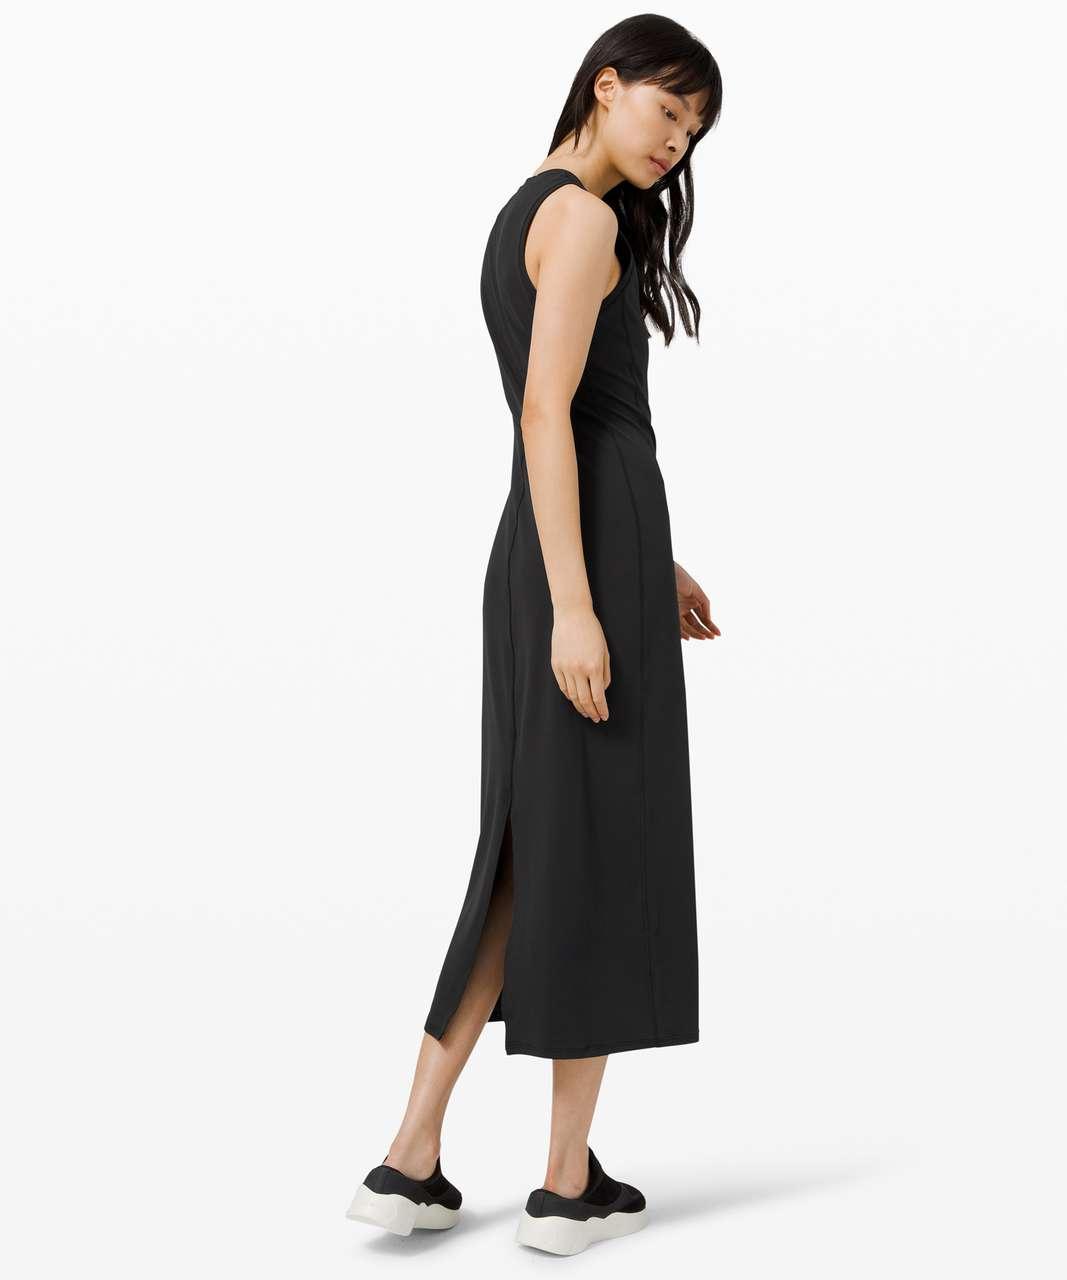 Lululemon All Aligned Midi Dress - Black